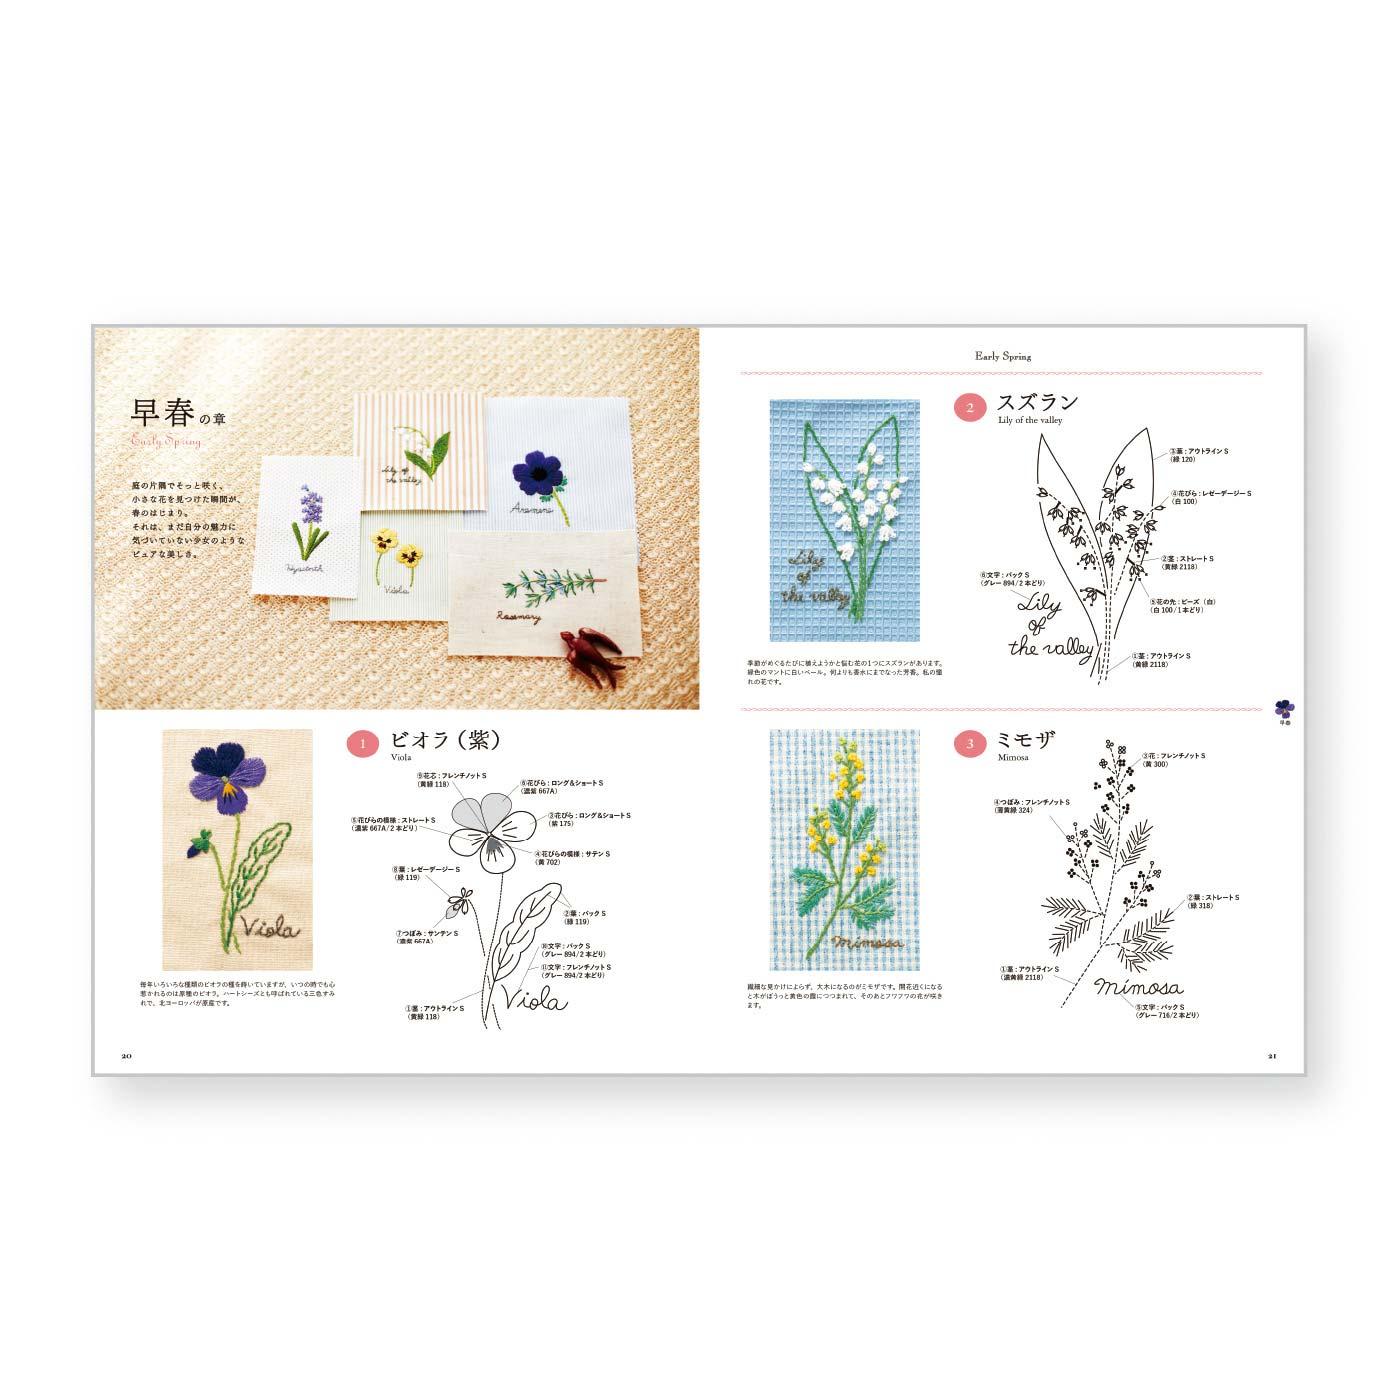 できあがり写真と刺しゅう図案を見やすくレイアウト。季節ごとに紹介されているからお気に入りを探しやすい。